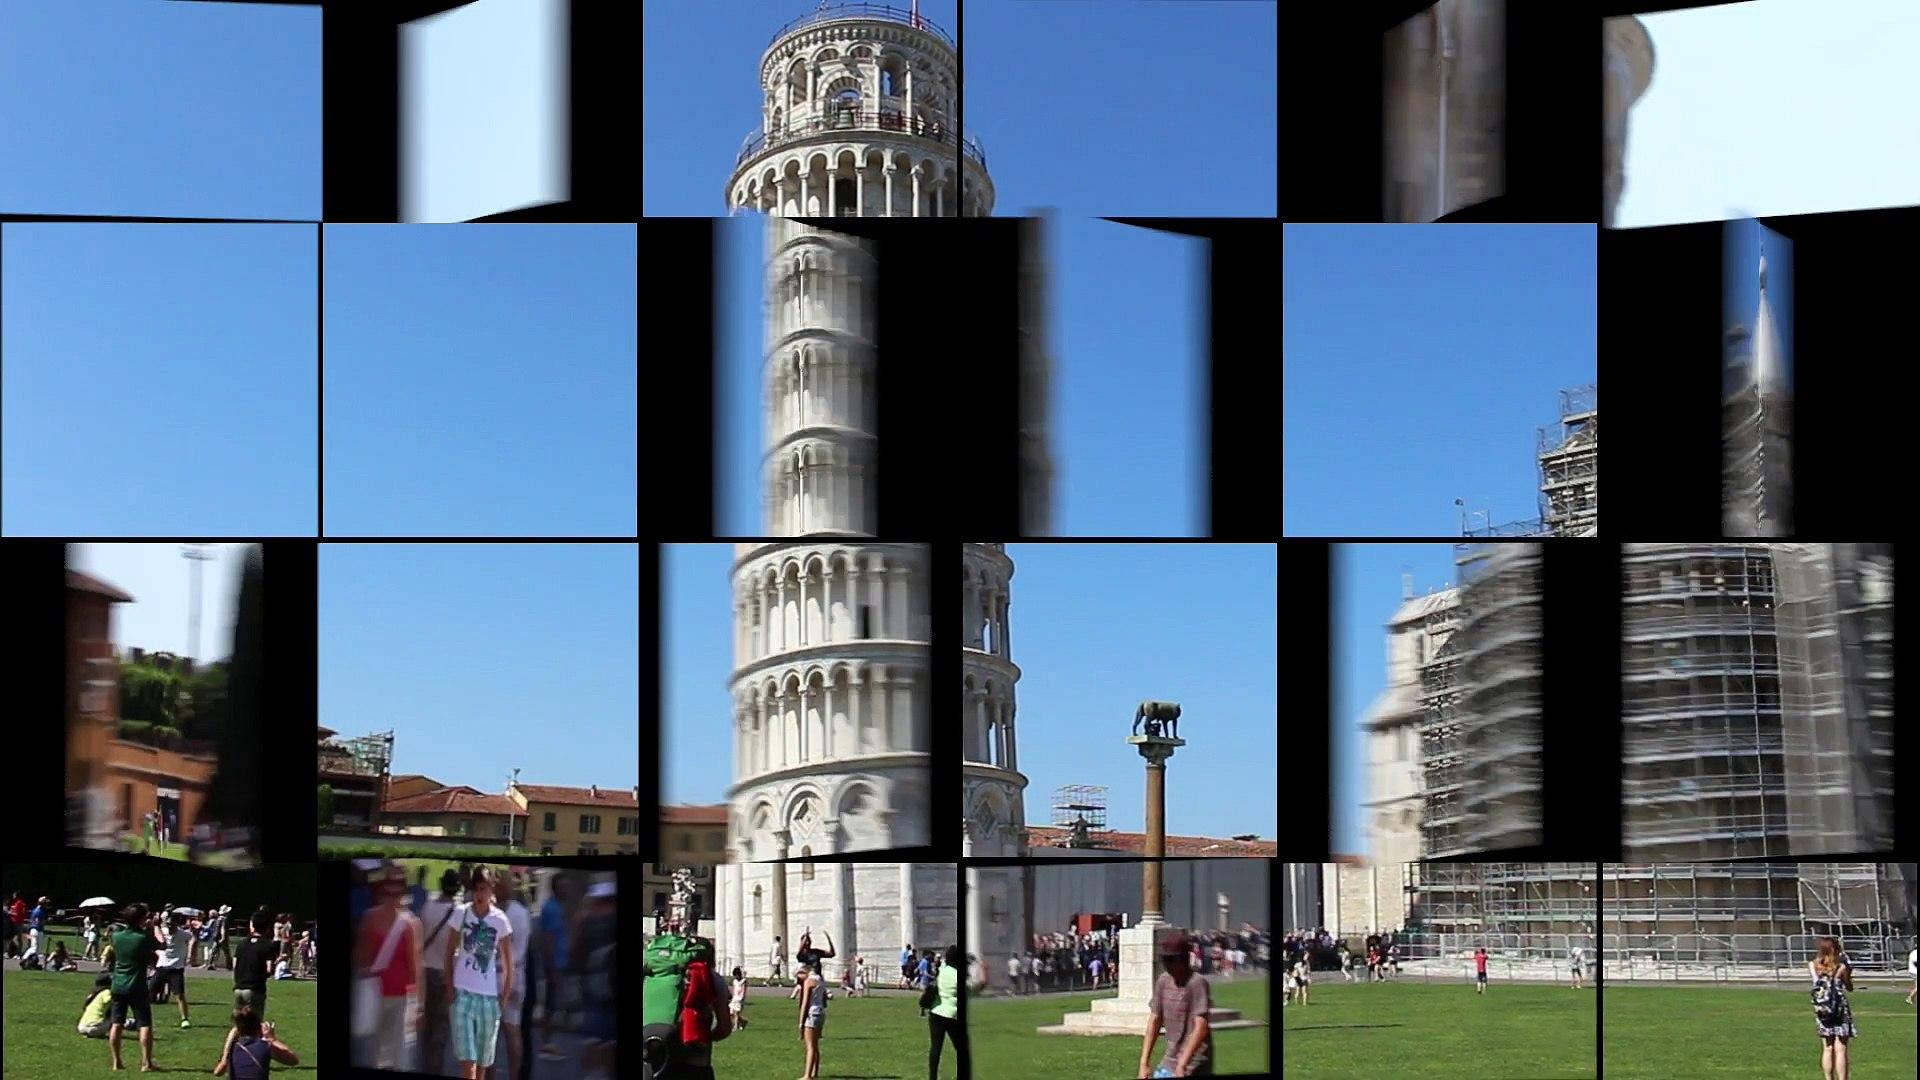 La Tour de Pise - Pisa Tower